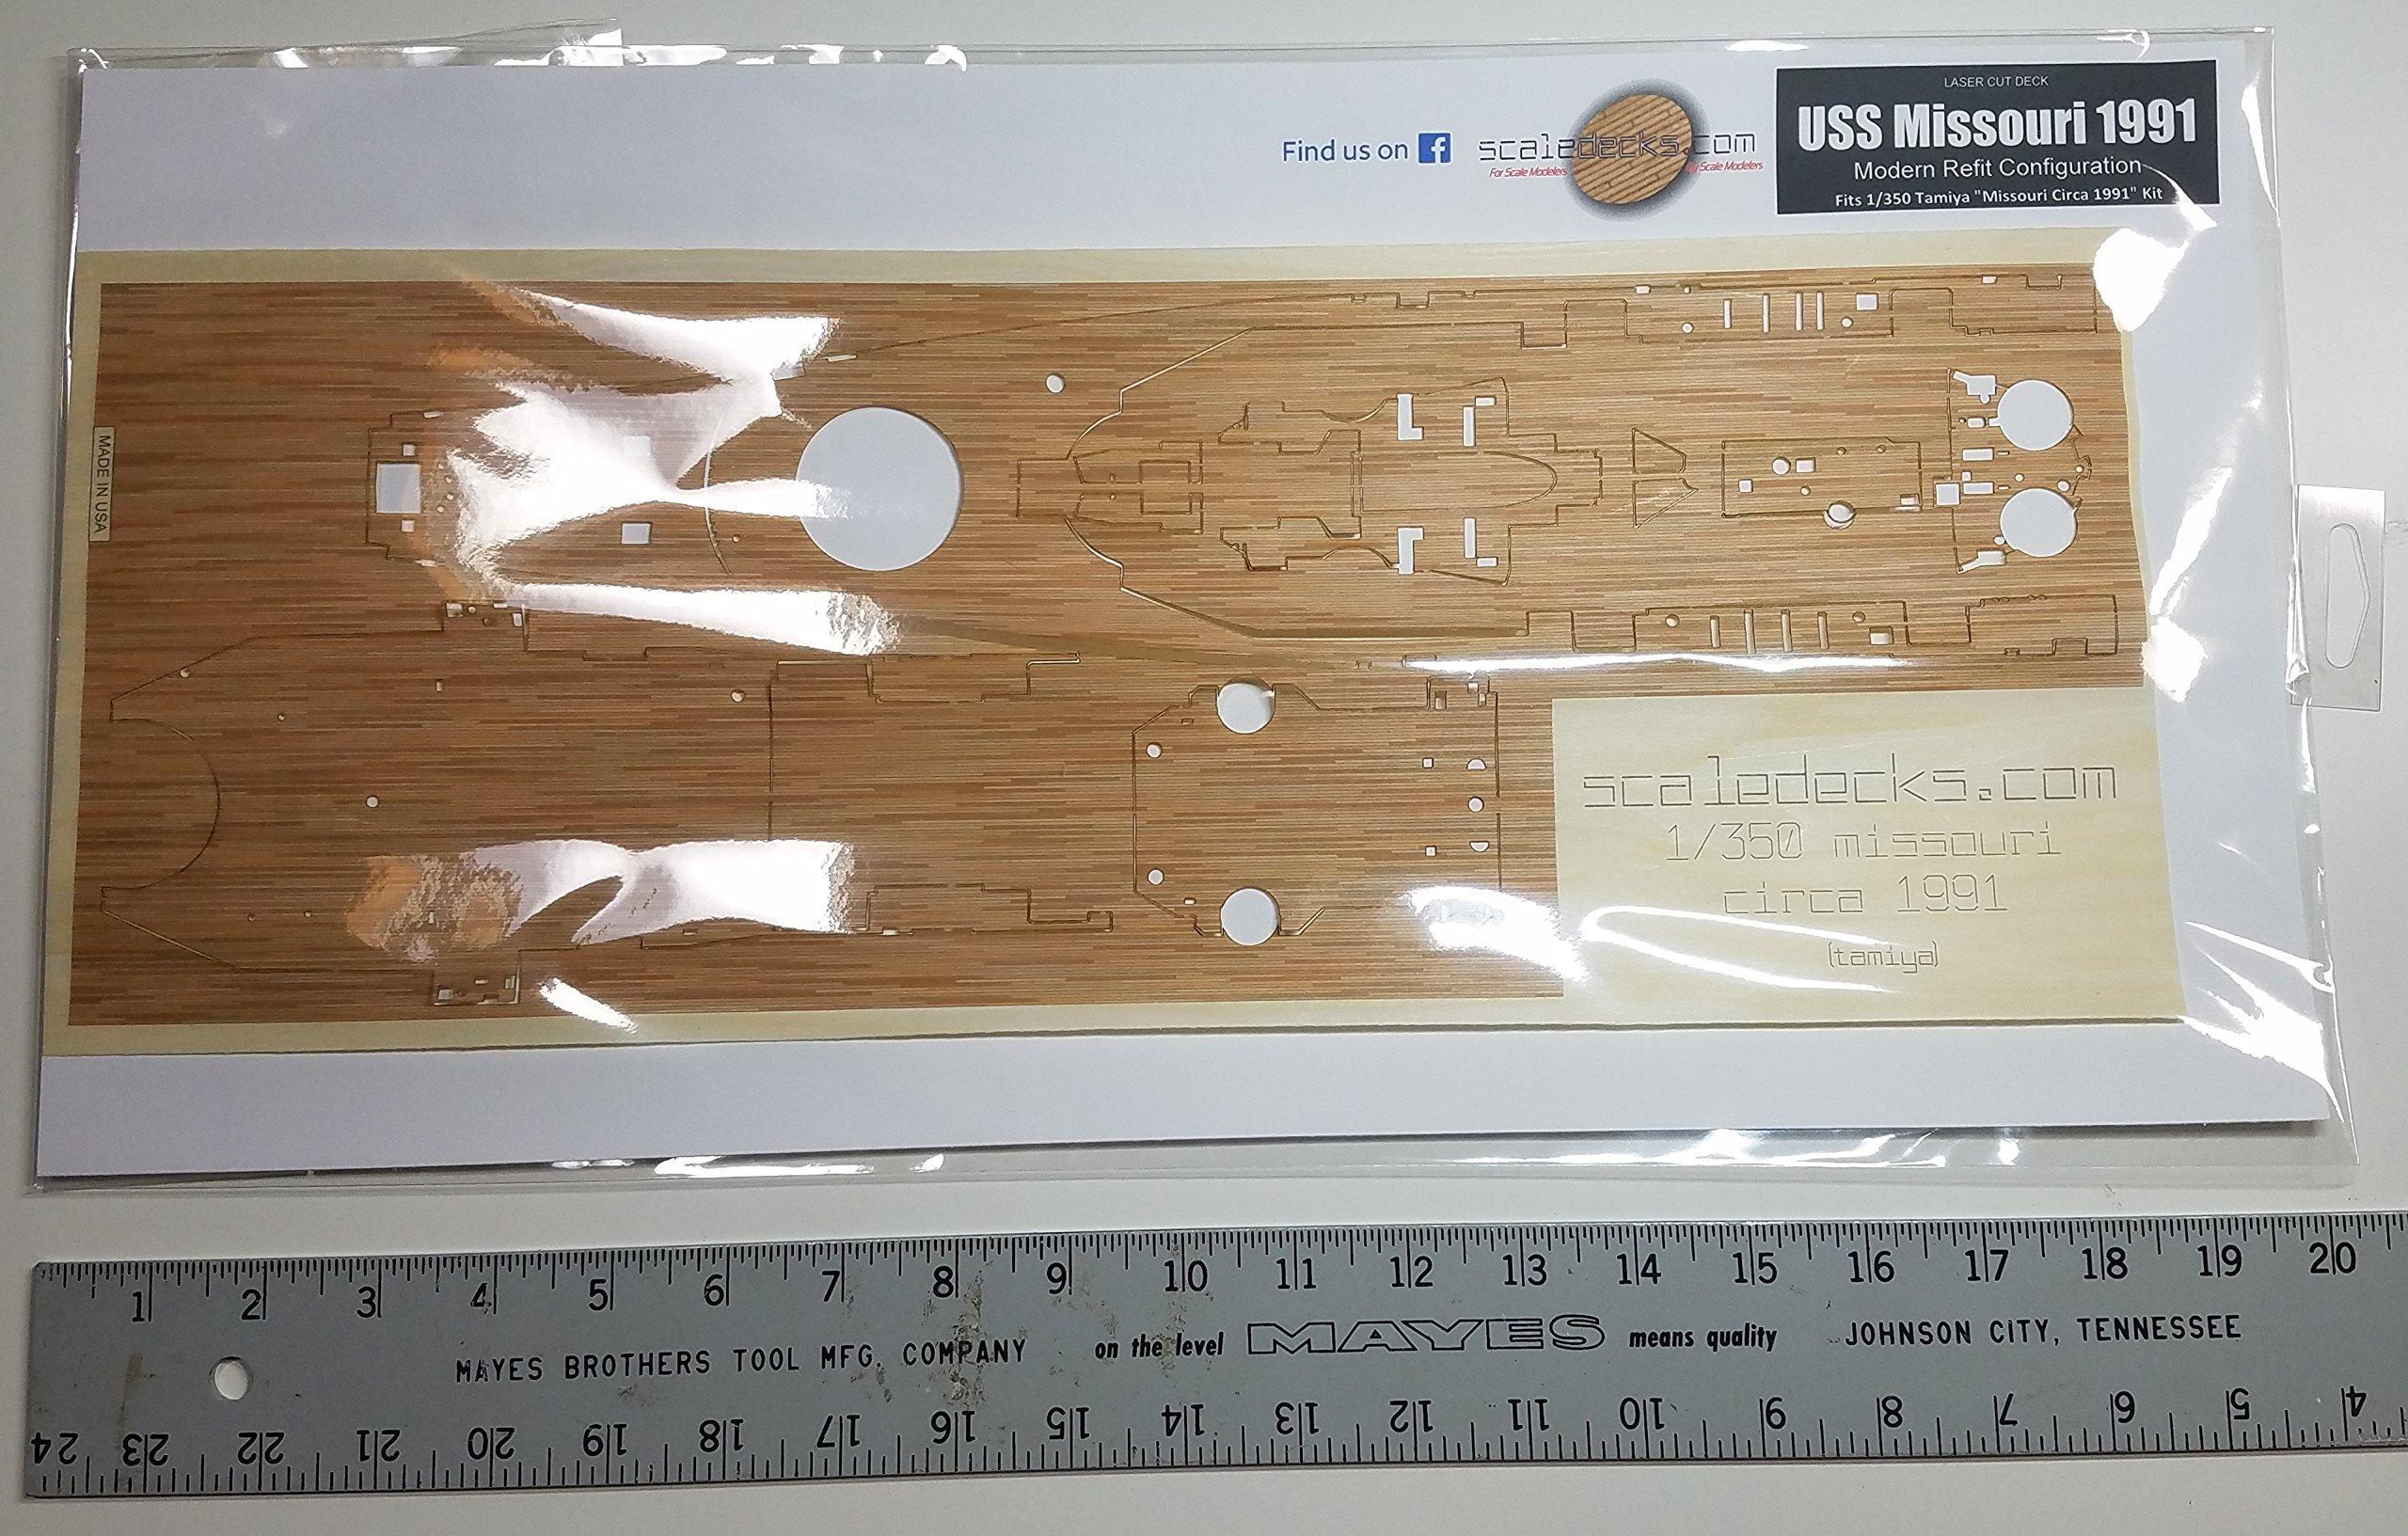 Premium Wood Deck for 1/350 USS Missouri Circa 1991 (fits Tamiya Kit)